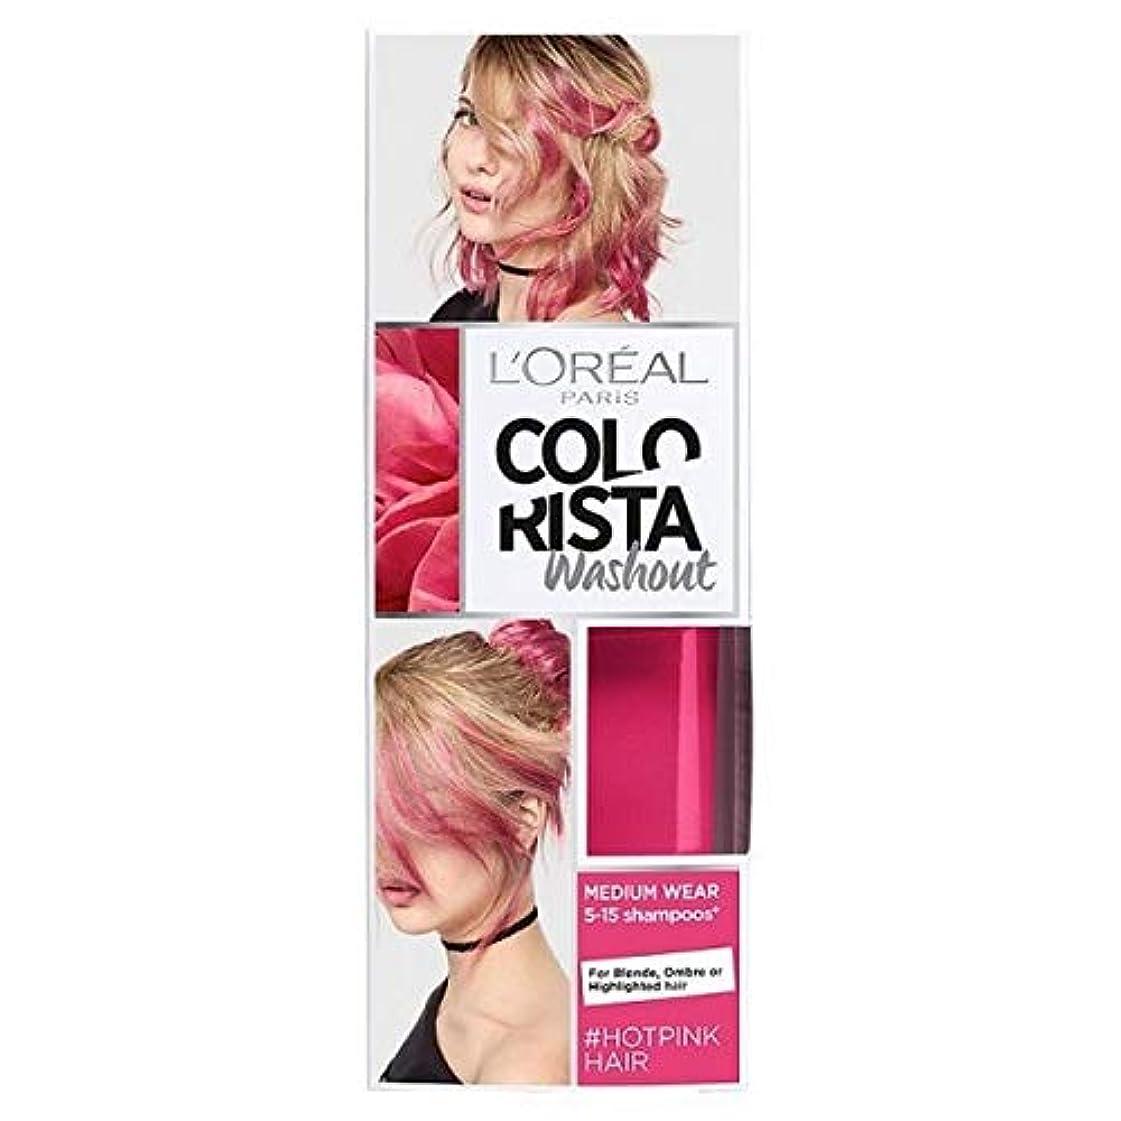 開いた広がり不可能な[Colorista] Coloristaウォッシュアウトホットピンクのネオン半永久染毛剤 - Colorista Washout Hot Pink Neon Semi-Permanent Hair Dye [並行輸入品]